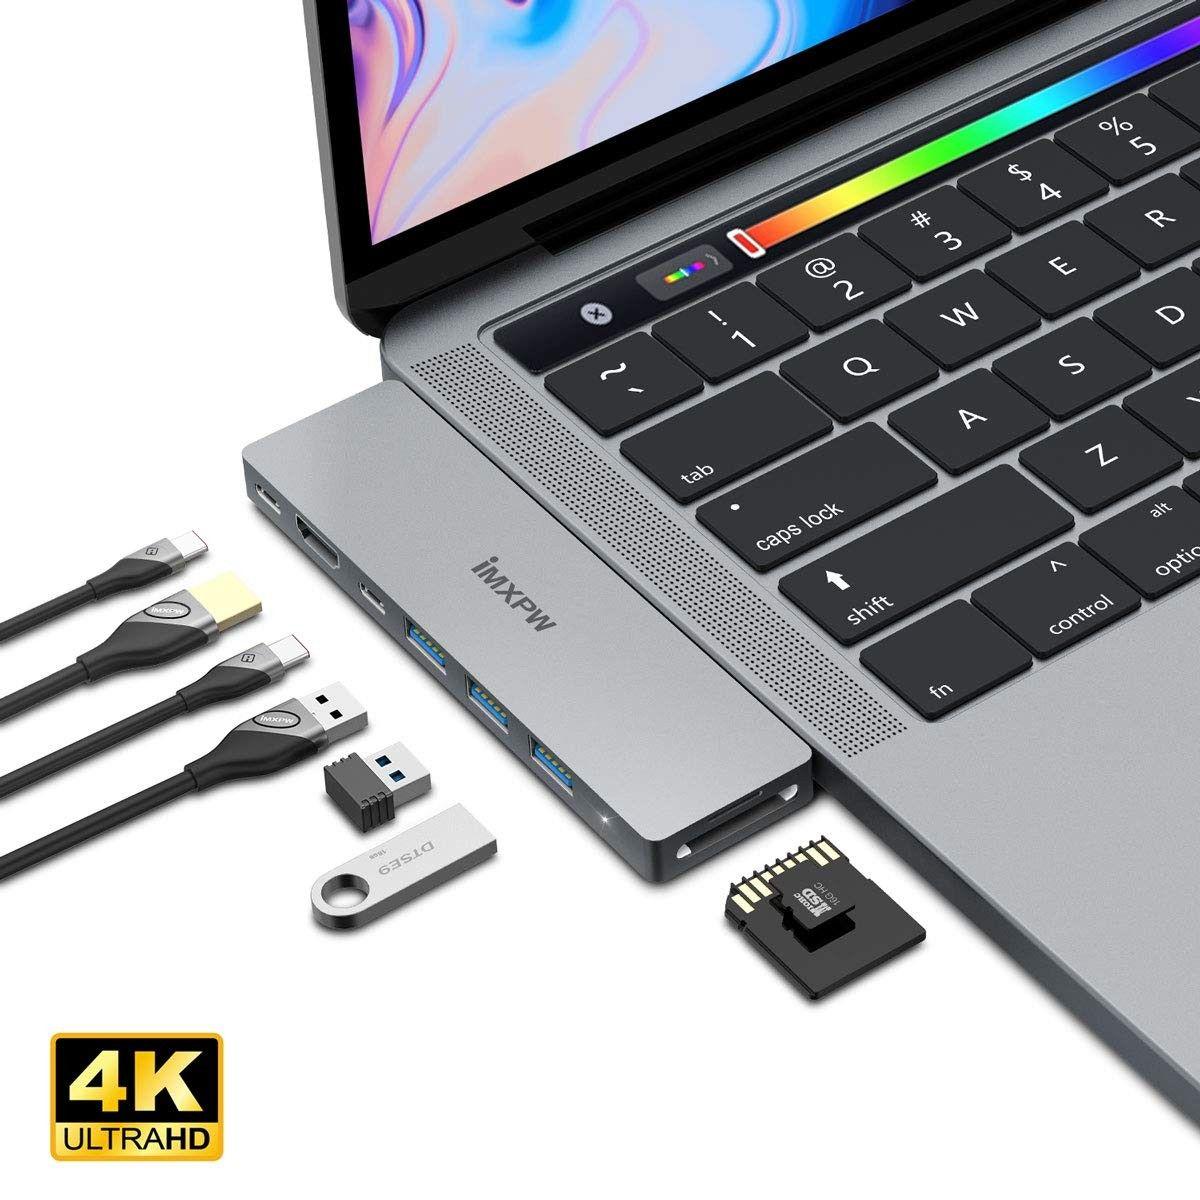 Usb C Hub Imxpw 8 In 1 Usb C Hub Adapter With 4k Hdmi Thunderbolt 3 3 Usb 3 0 Usb C Data Port Etc Macbook Pro 2017 Hdmi Usb